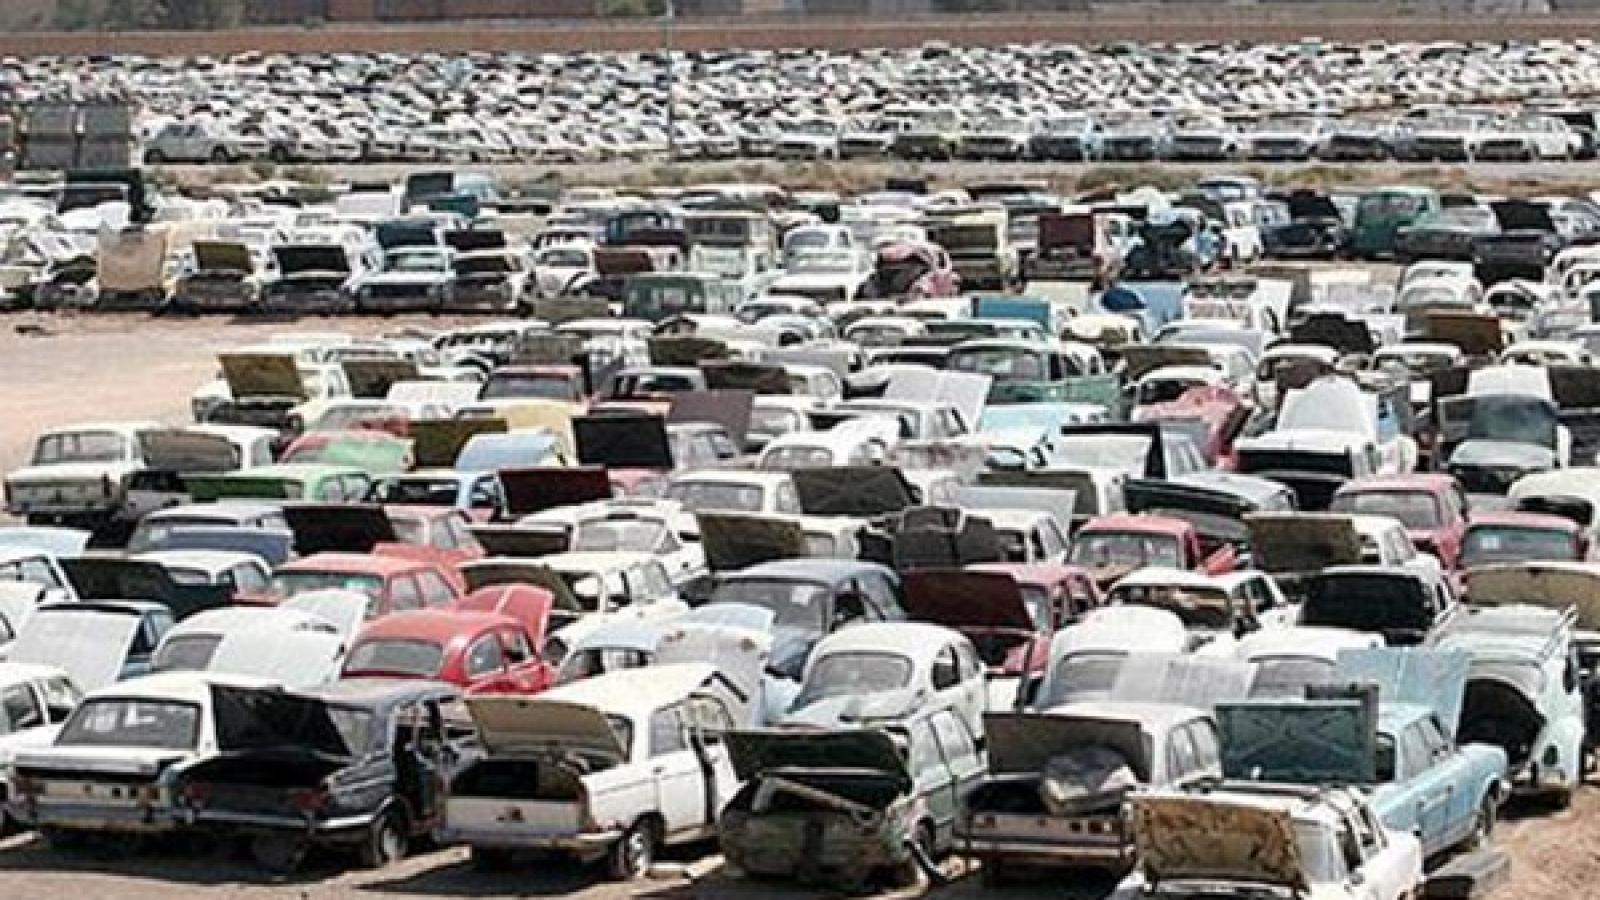 مشکل کمبود مراکز اسقاط بر سر راه نوسازی ناوگان تاکسیرانی - اجاره خودرو طباطبایی